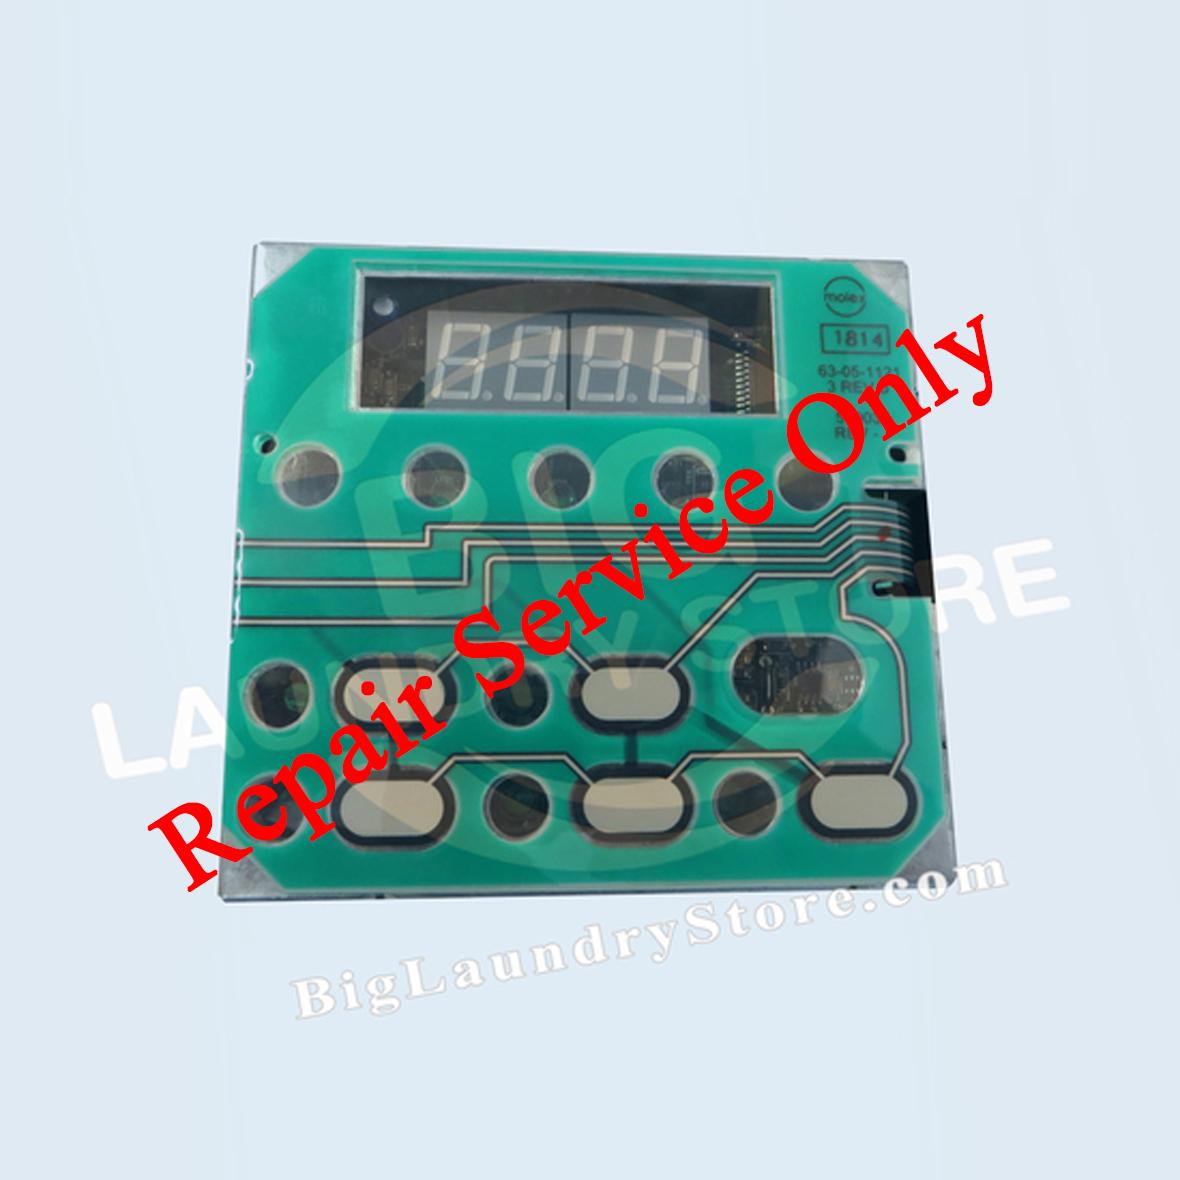 REPAIR - Huebsch, Speed Queen Dryer Computer # 511867P Repair